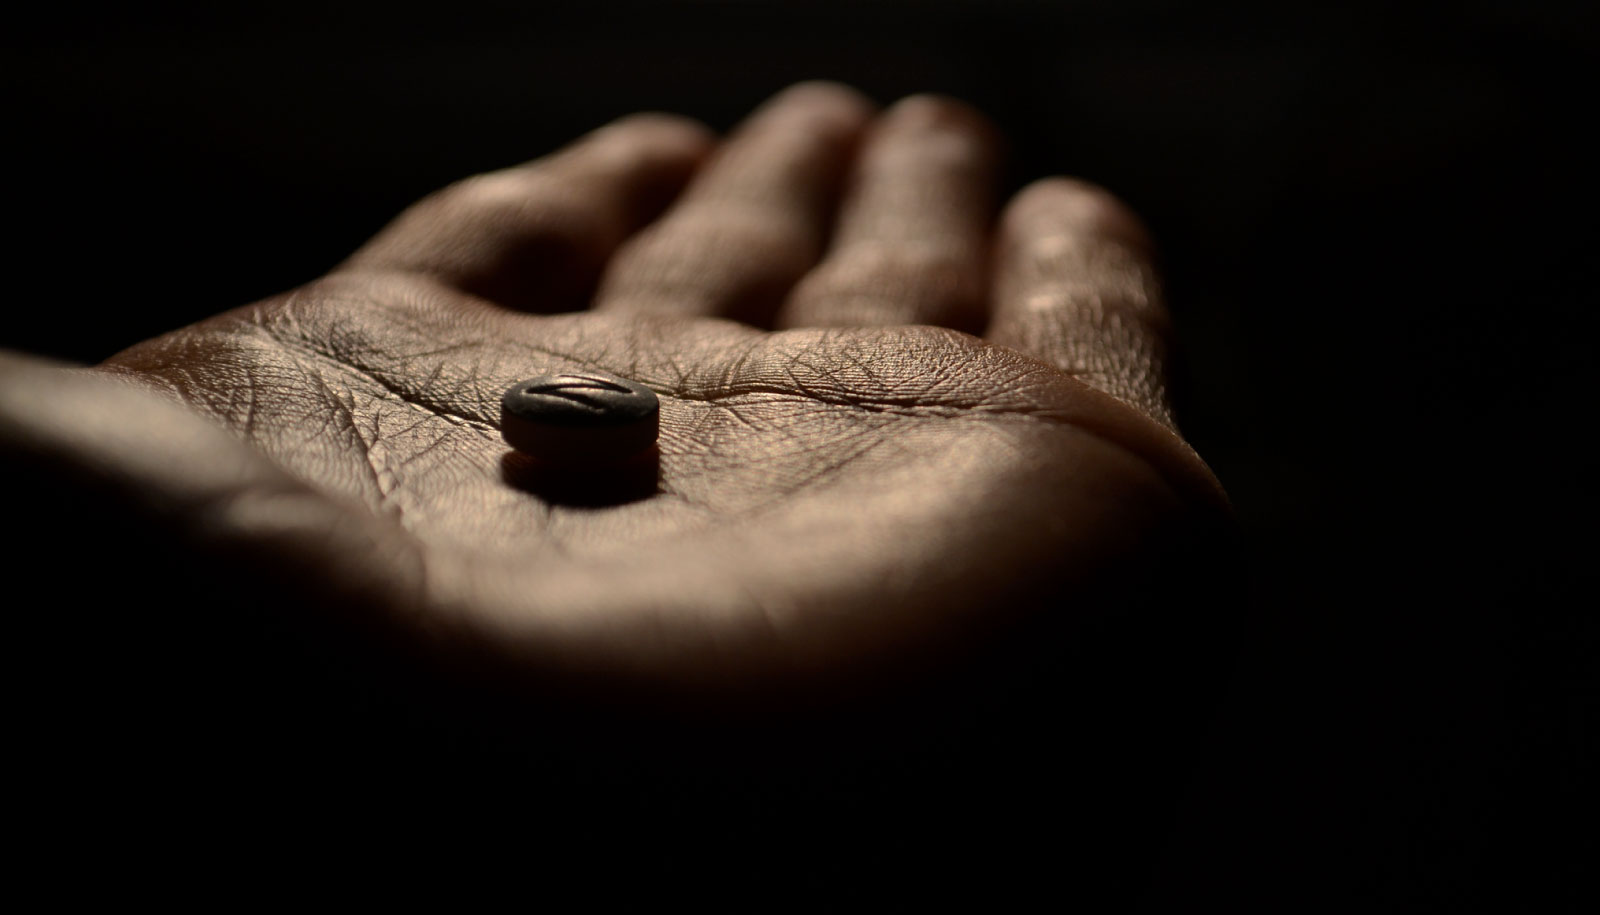 Esquizofrenia. Adicción a las drogas y consumo de psicoestimulantes